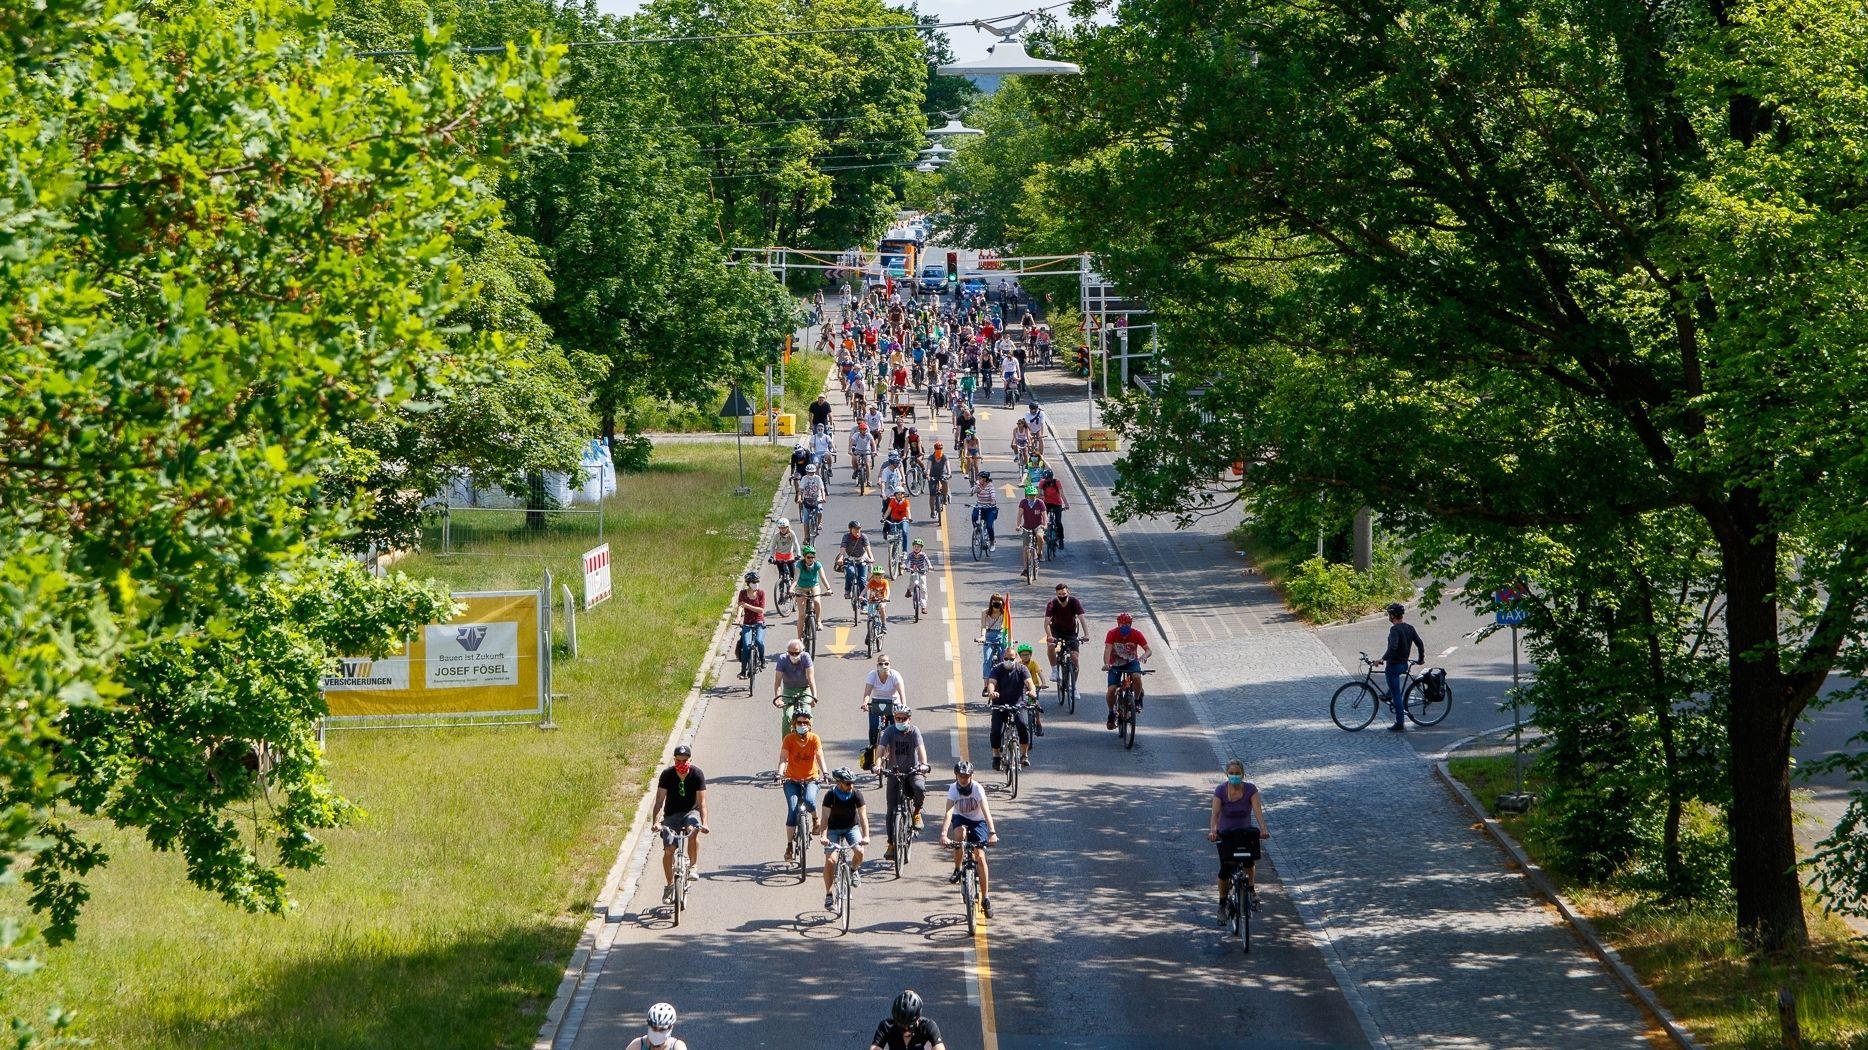 Fahrraddemo in Nürnberg für mehr Sicherheit im Straßenverkehr